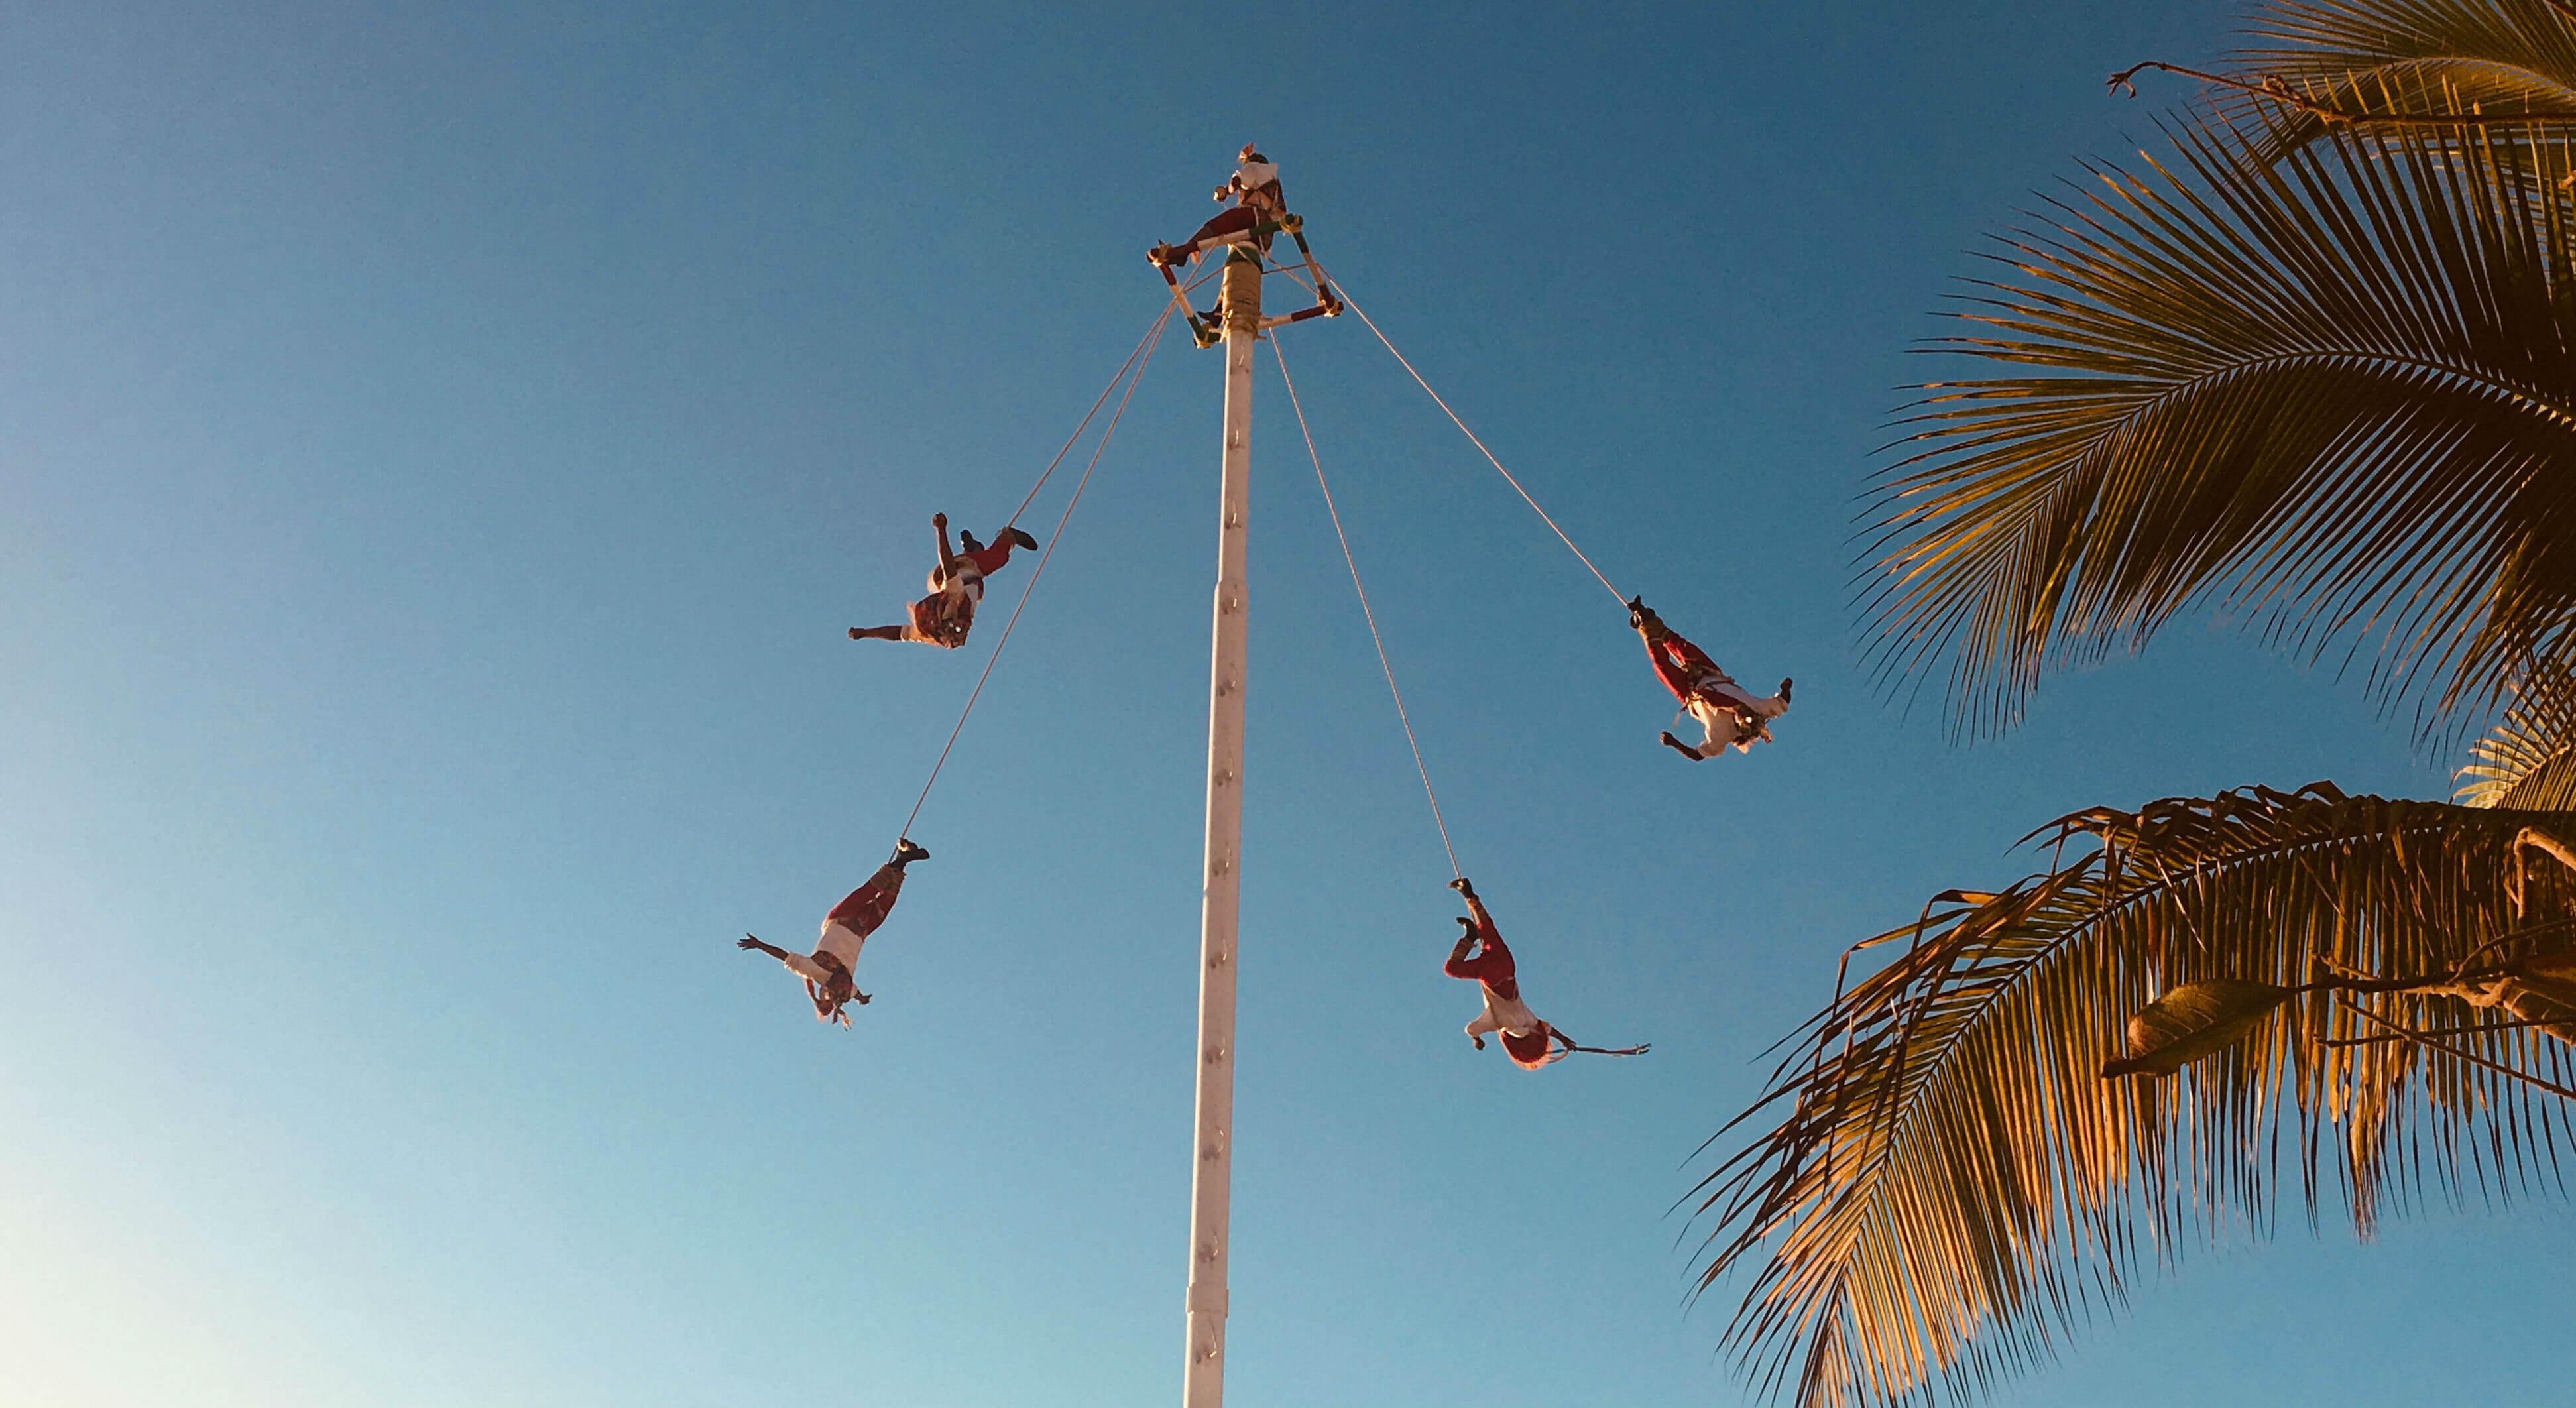 The Danza de los Voladores performing in Puerto Vallarta.